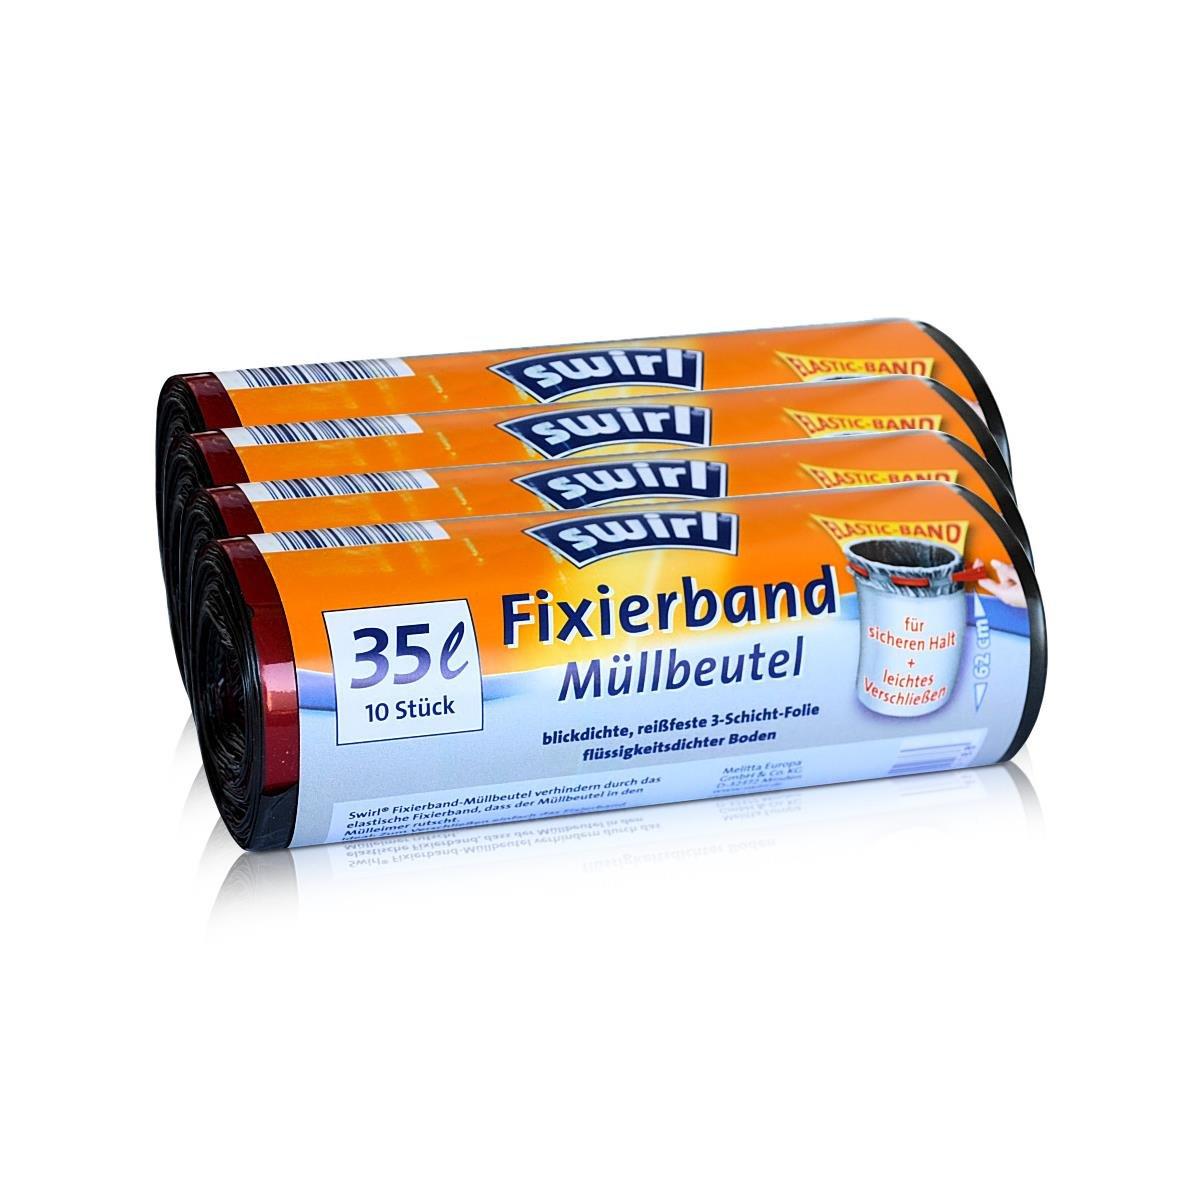 4x Swirl Fixierband Müllbeutel 35L ( 10 stk./Rolle )